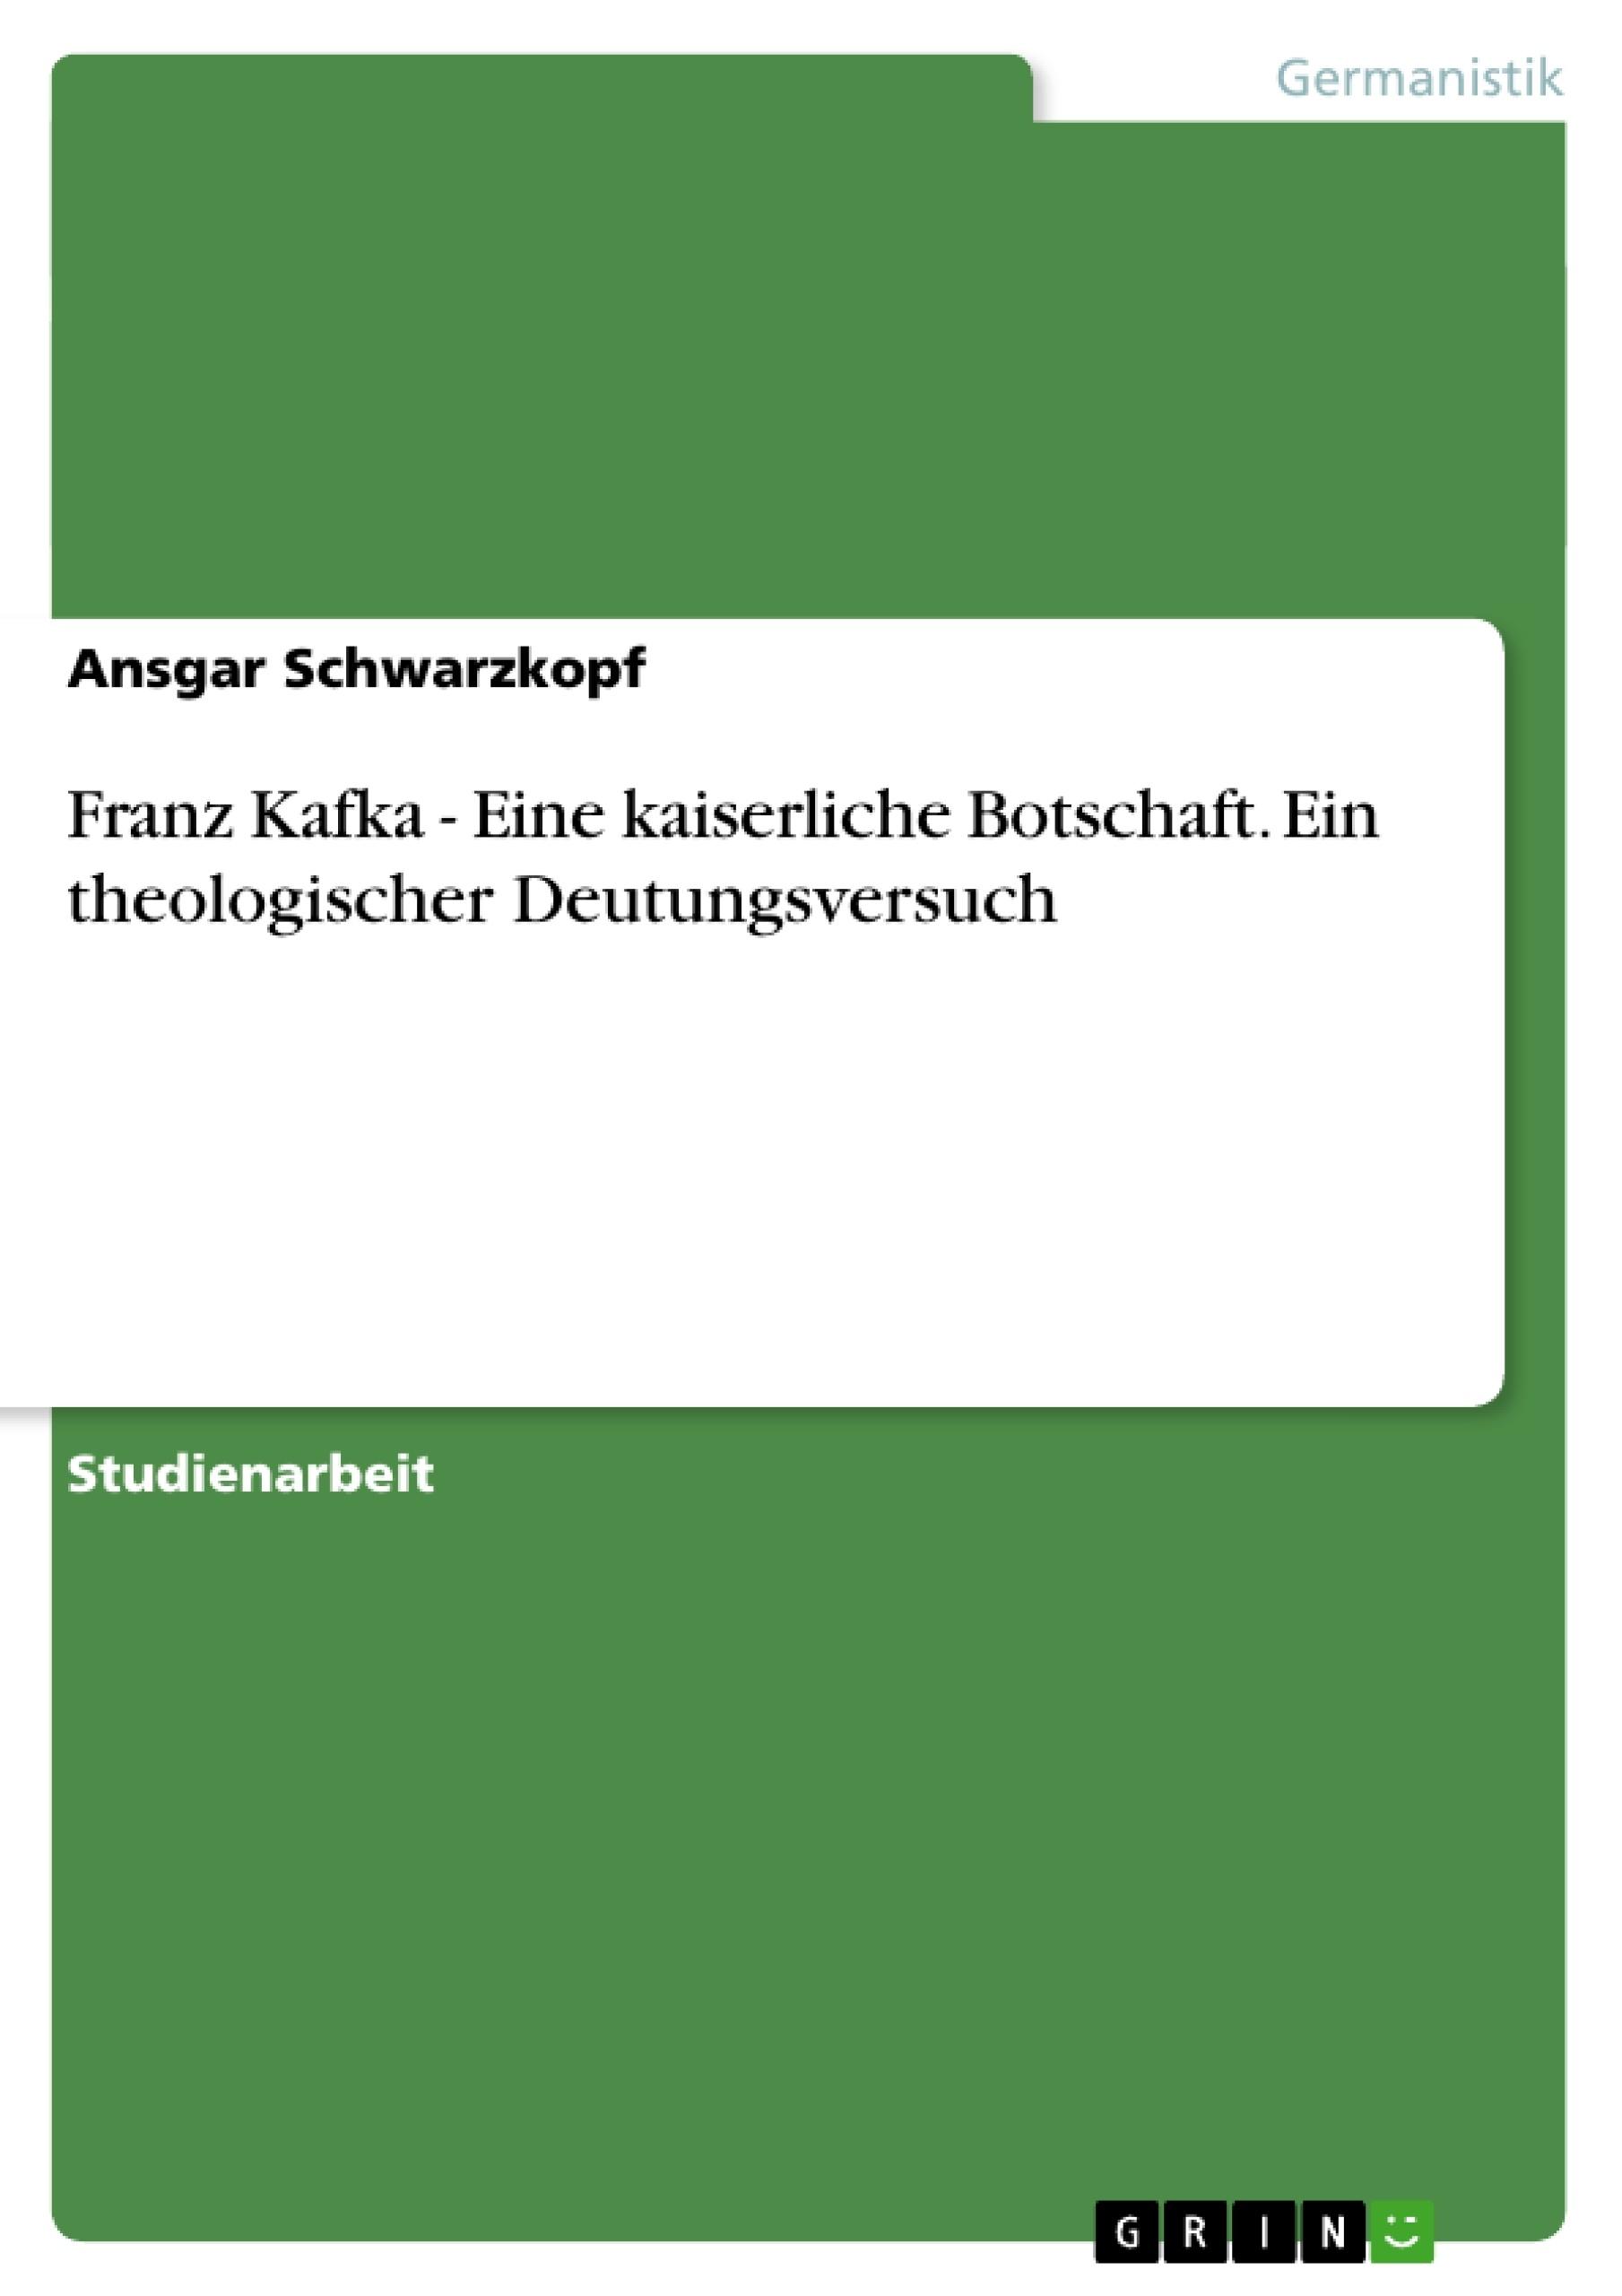 Titel: Franz Kafka - Eine kaiserliche Botschaft. Ein theologischer Deutungsversuch